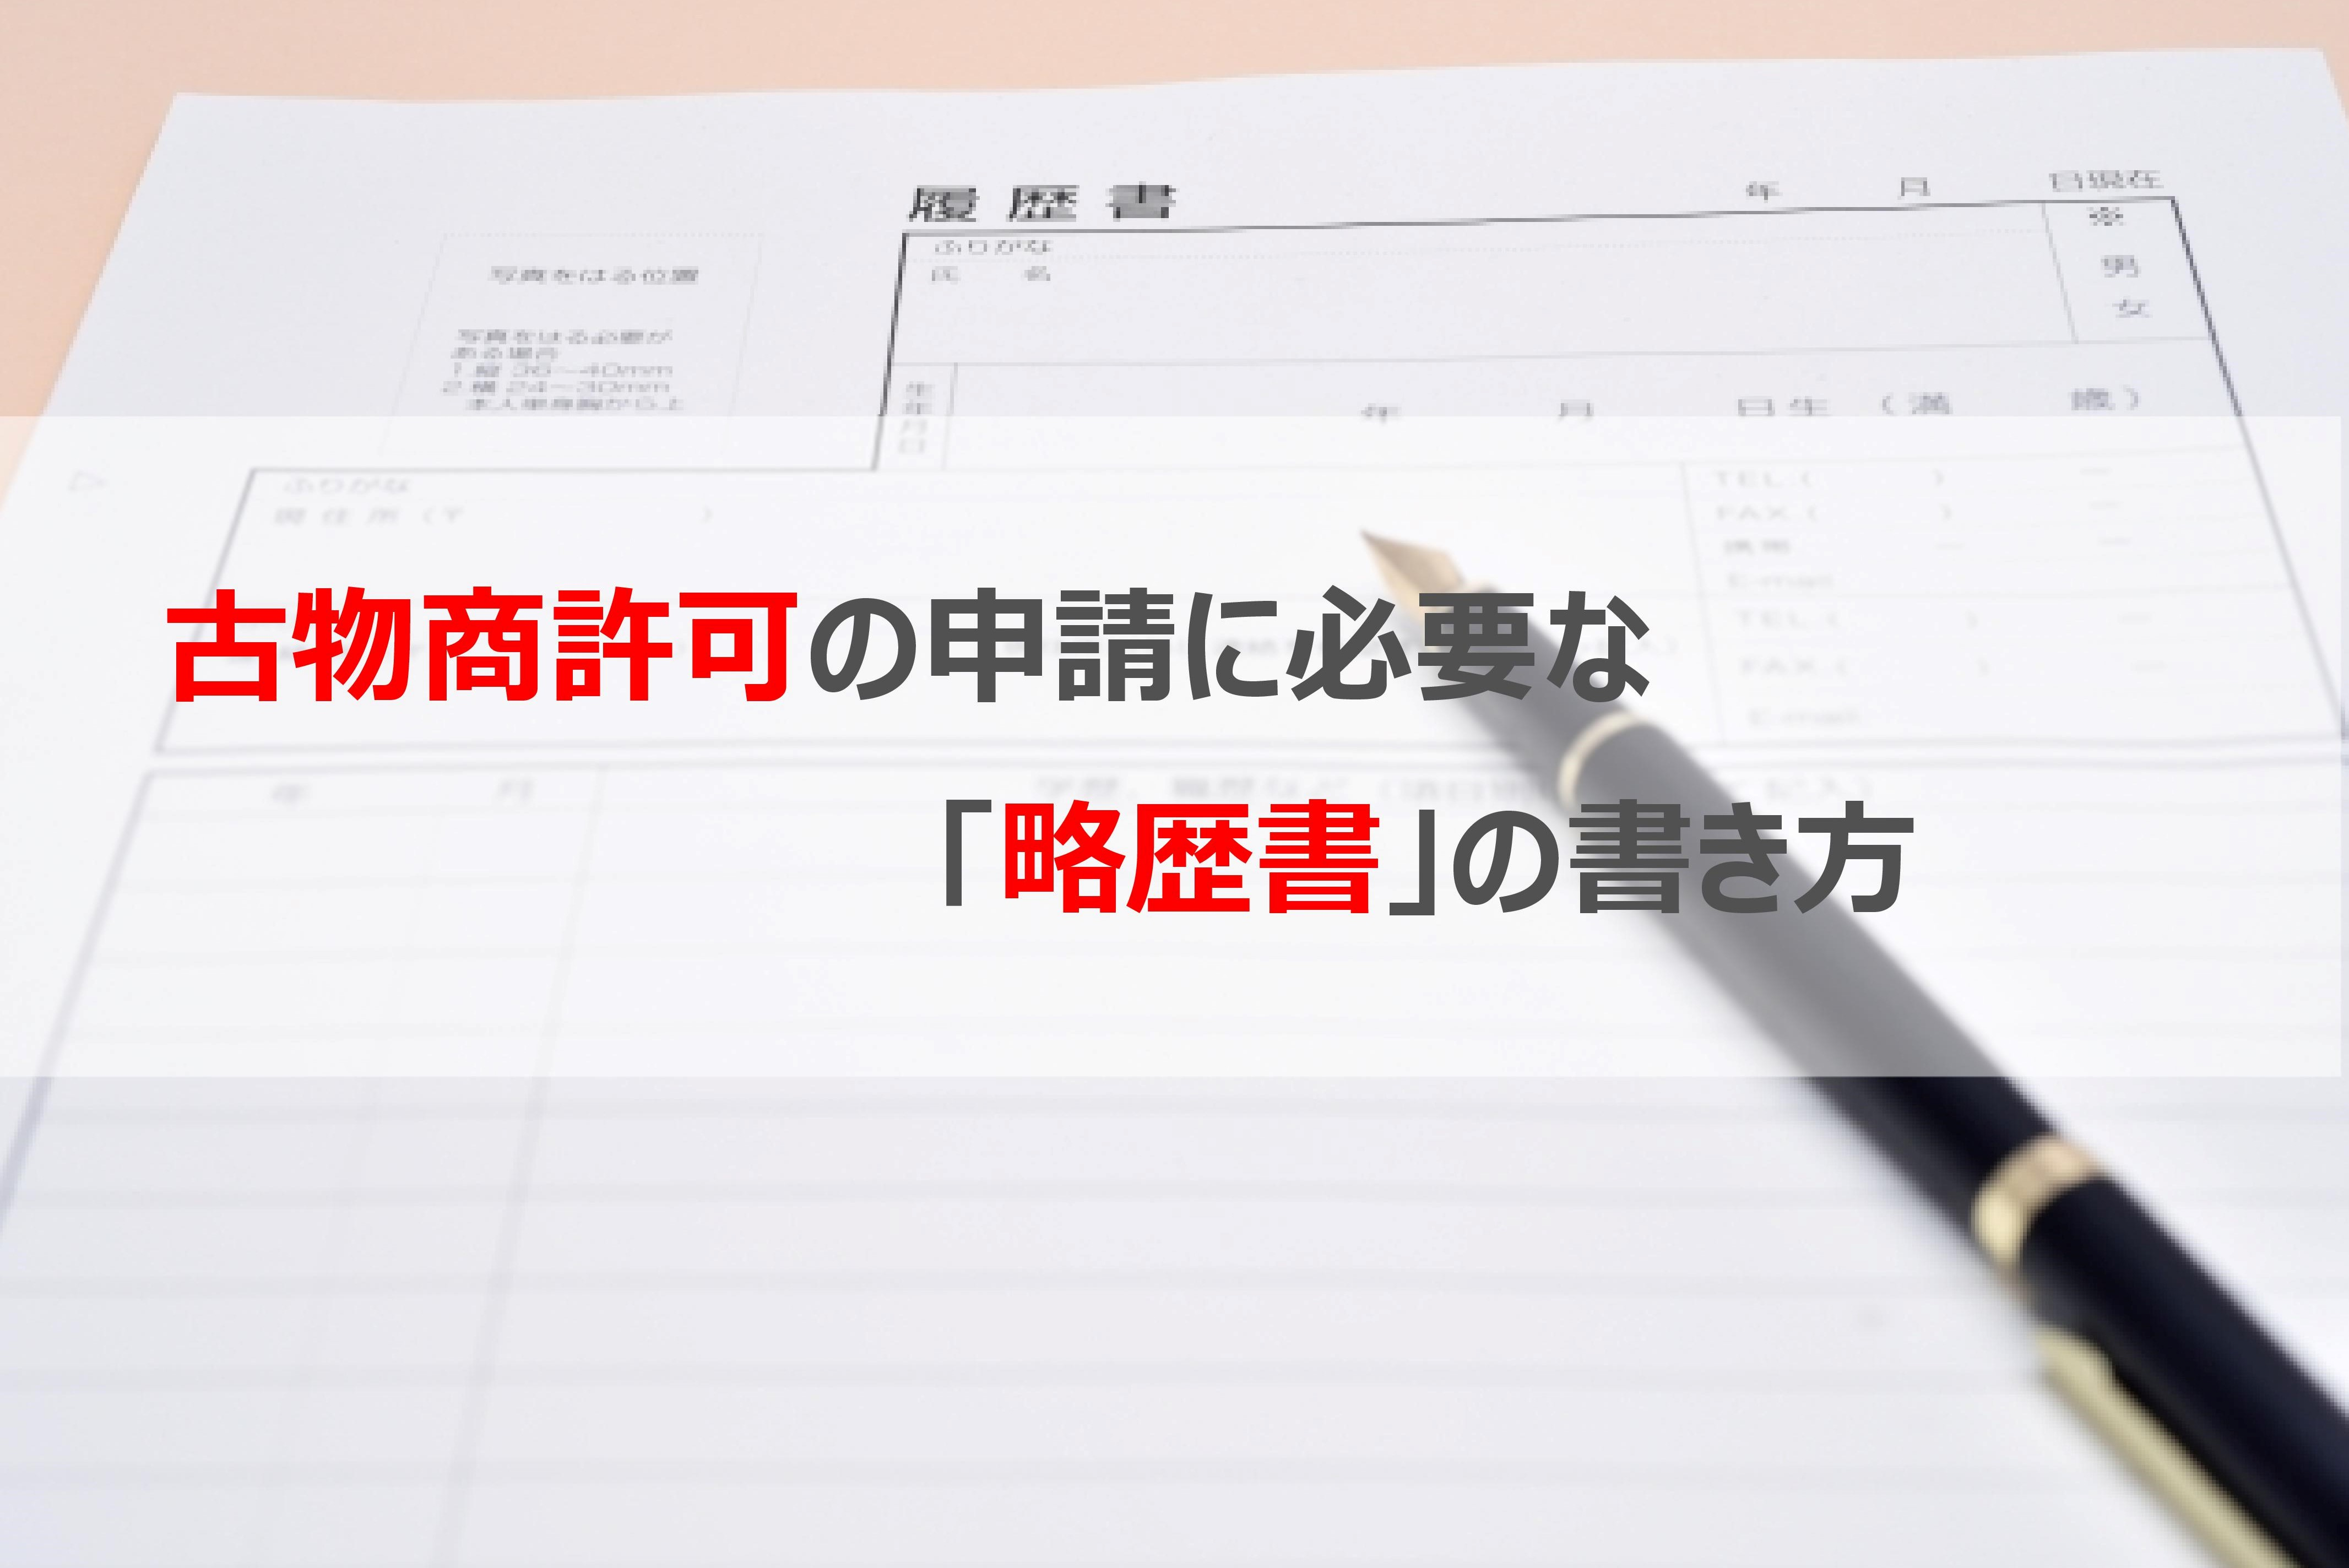 古物商許可の申請に必要な「略歴書」の書き方 | 古物商許可 完全マニュアル